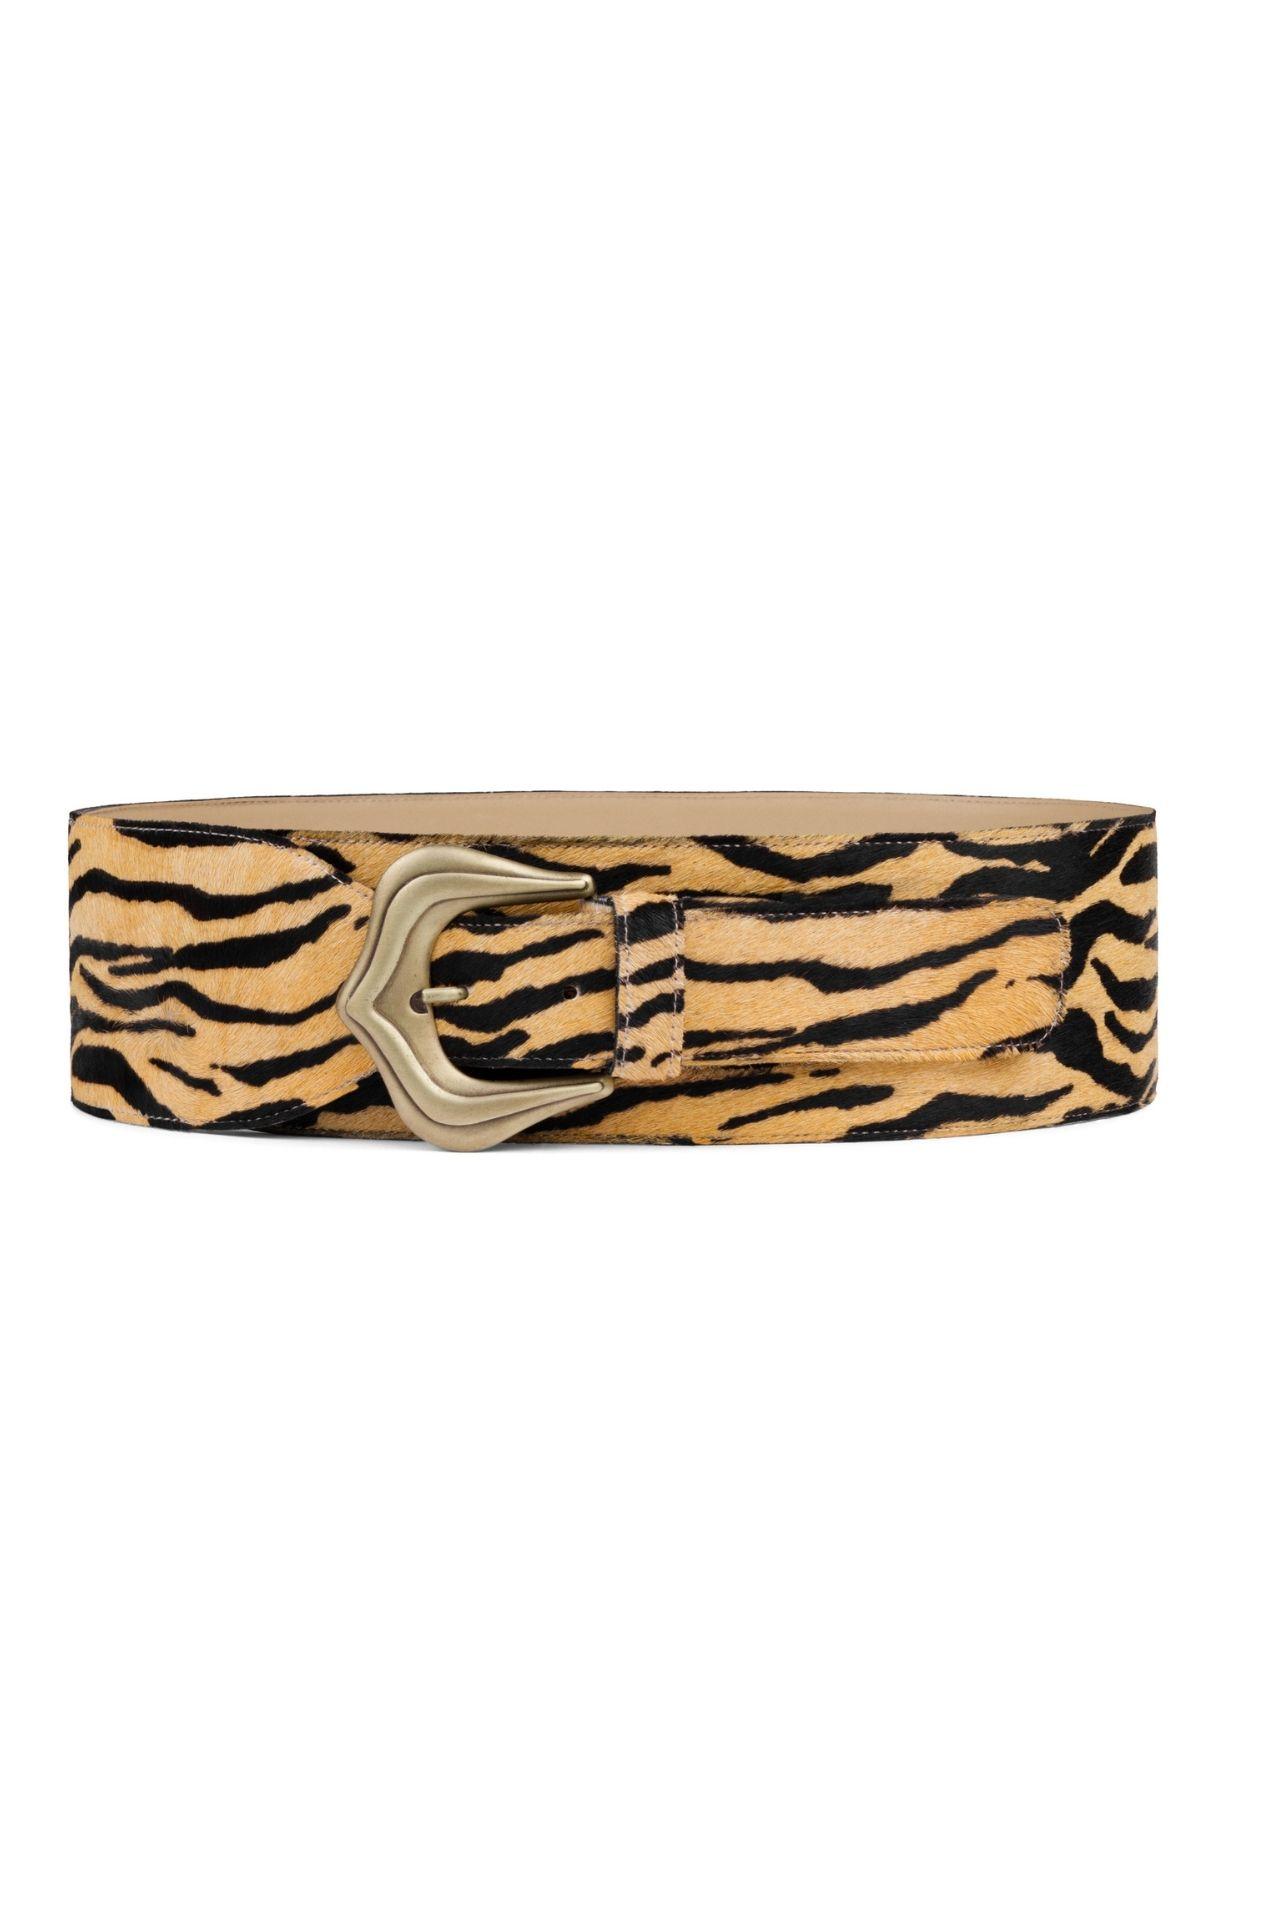 Esta versión con estampado tiger es osada, inquieta y su hebilla de bronce da el toque justo de brillo.  Largo:1MT- 2MT